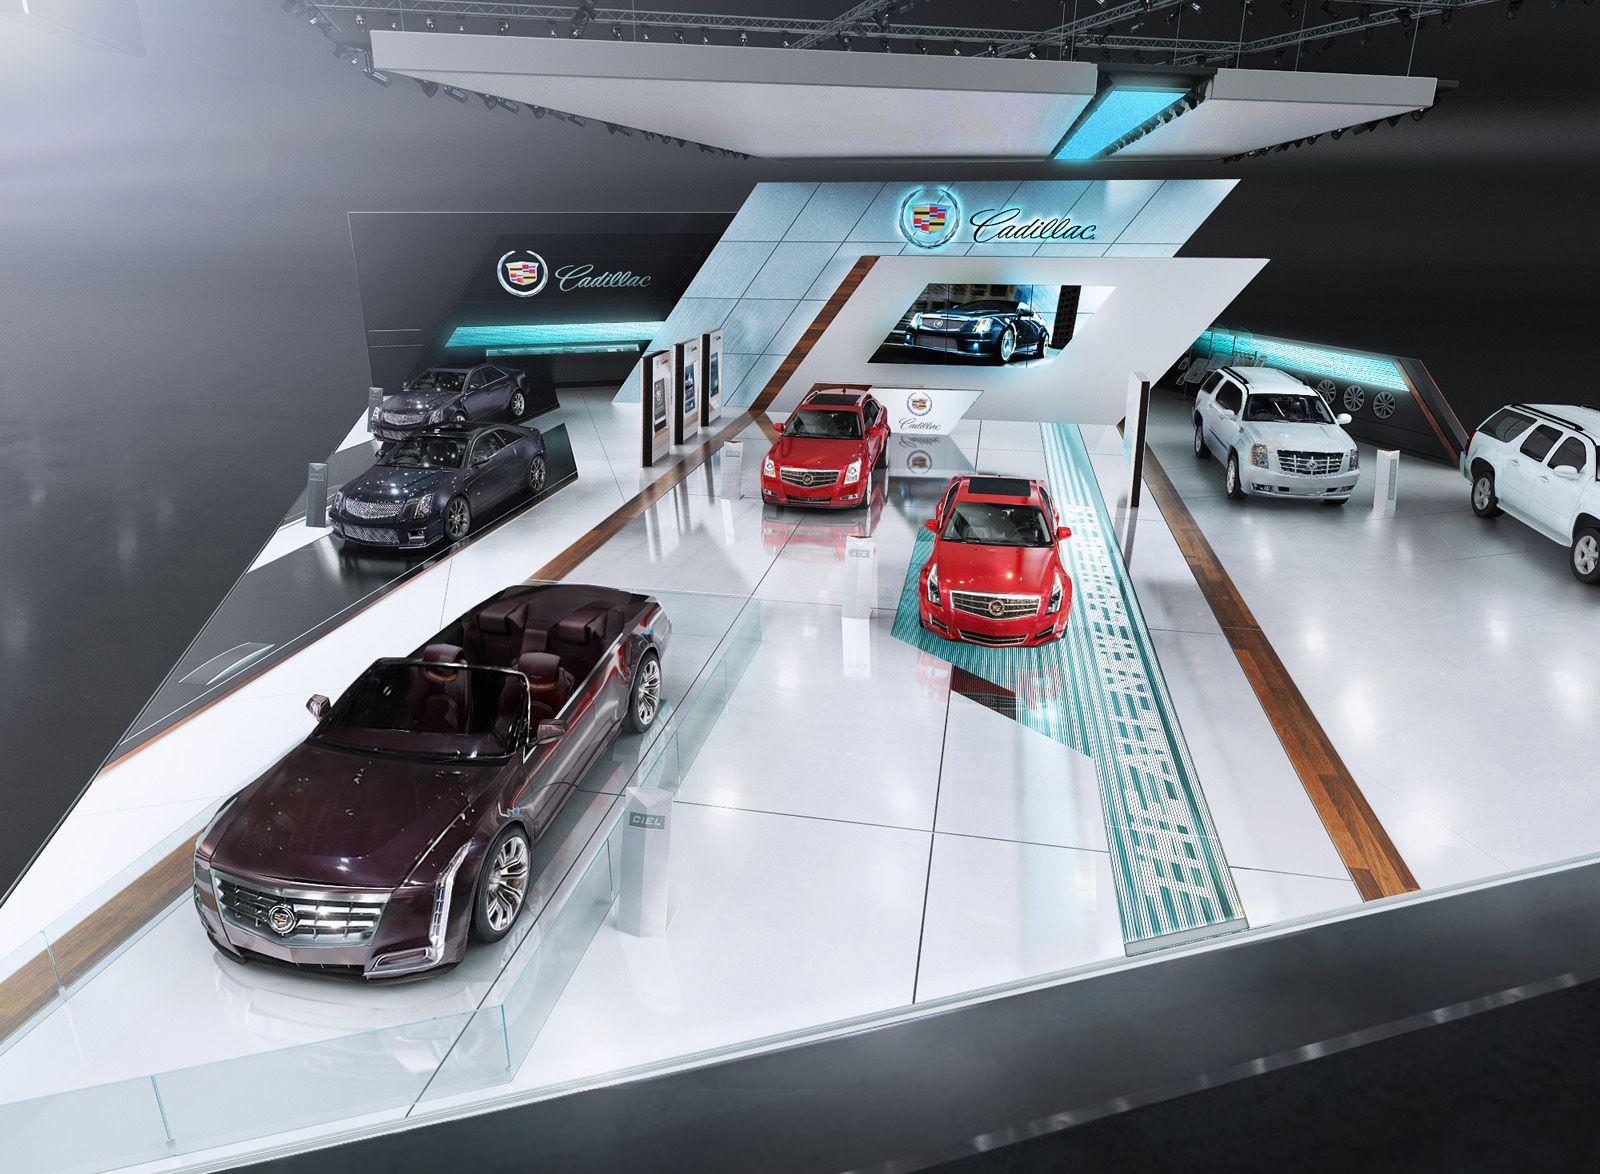 Car Exhibition Stand Design : Cadillac Дизайн выставочных стендов фри лансер Игорь